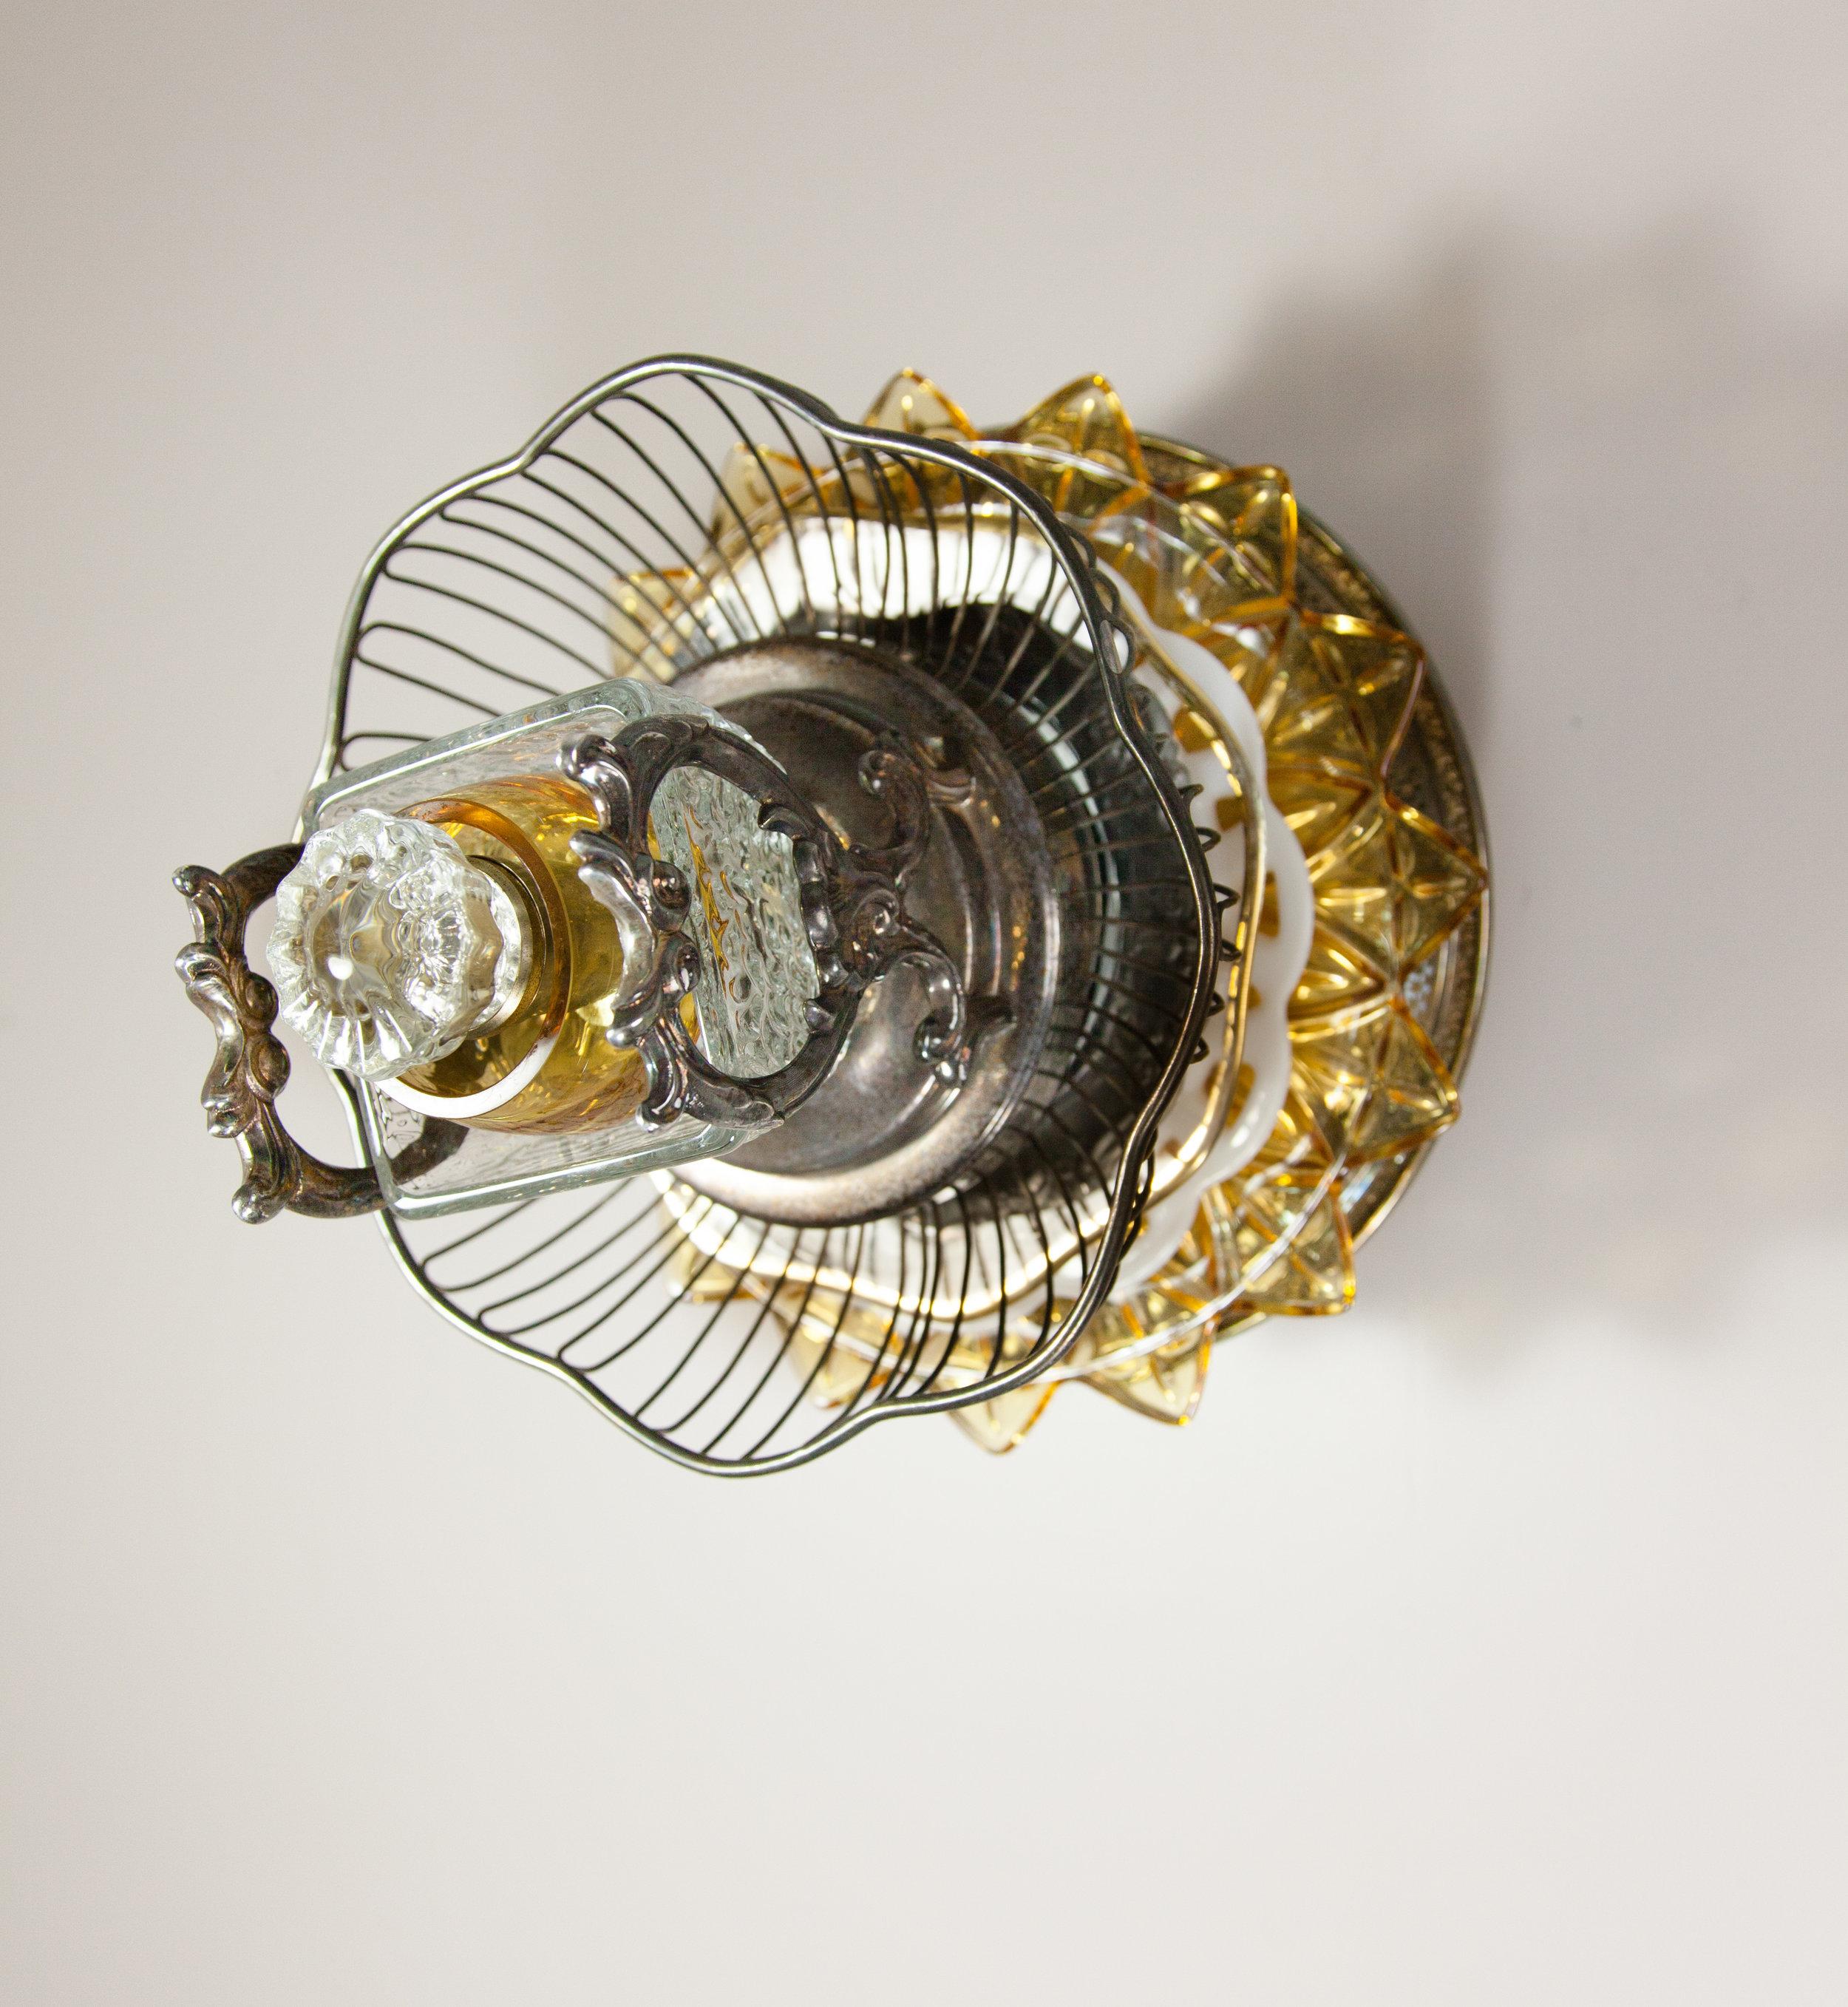 Occhi, 2017 domestic objects, doorknob, steel, 11 x 11 x 15 1/4 inches